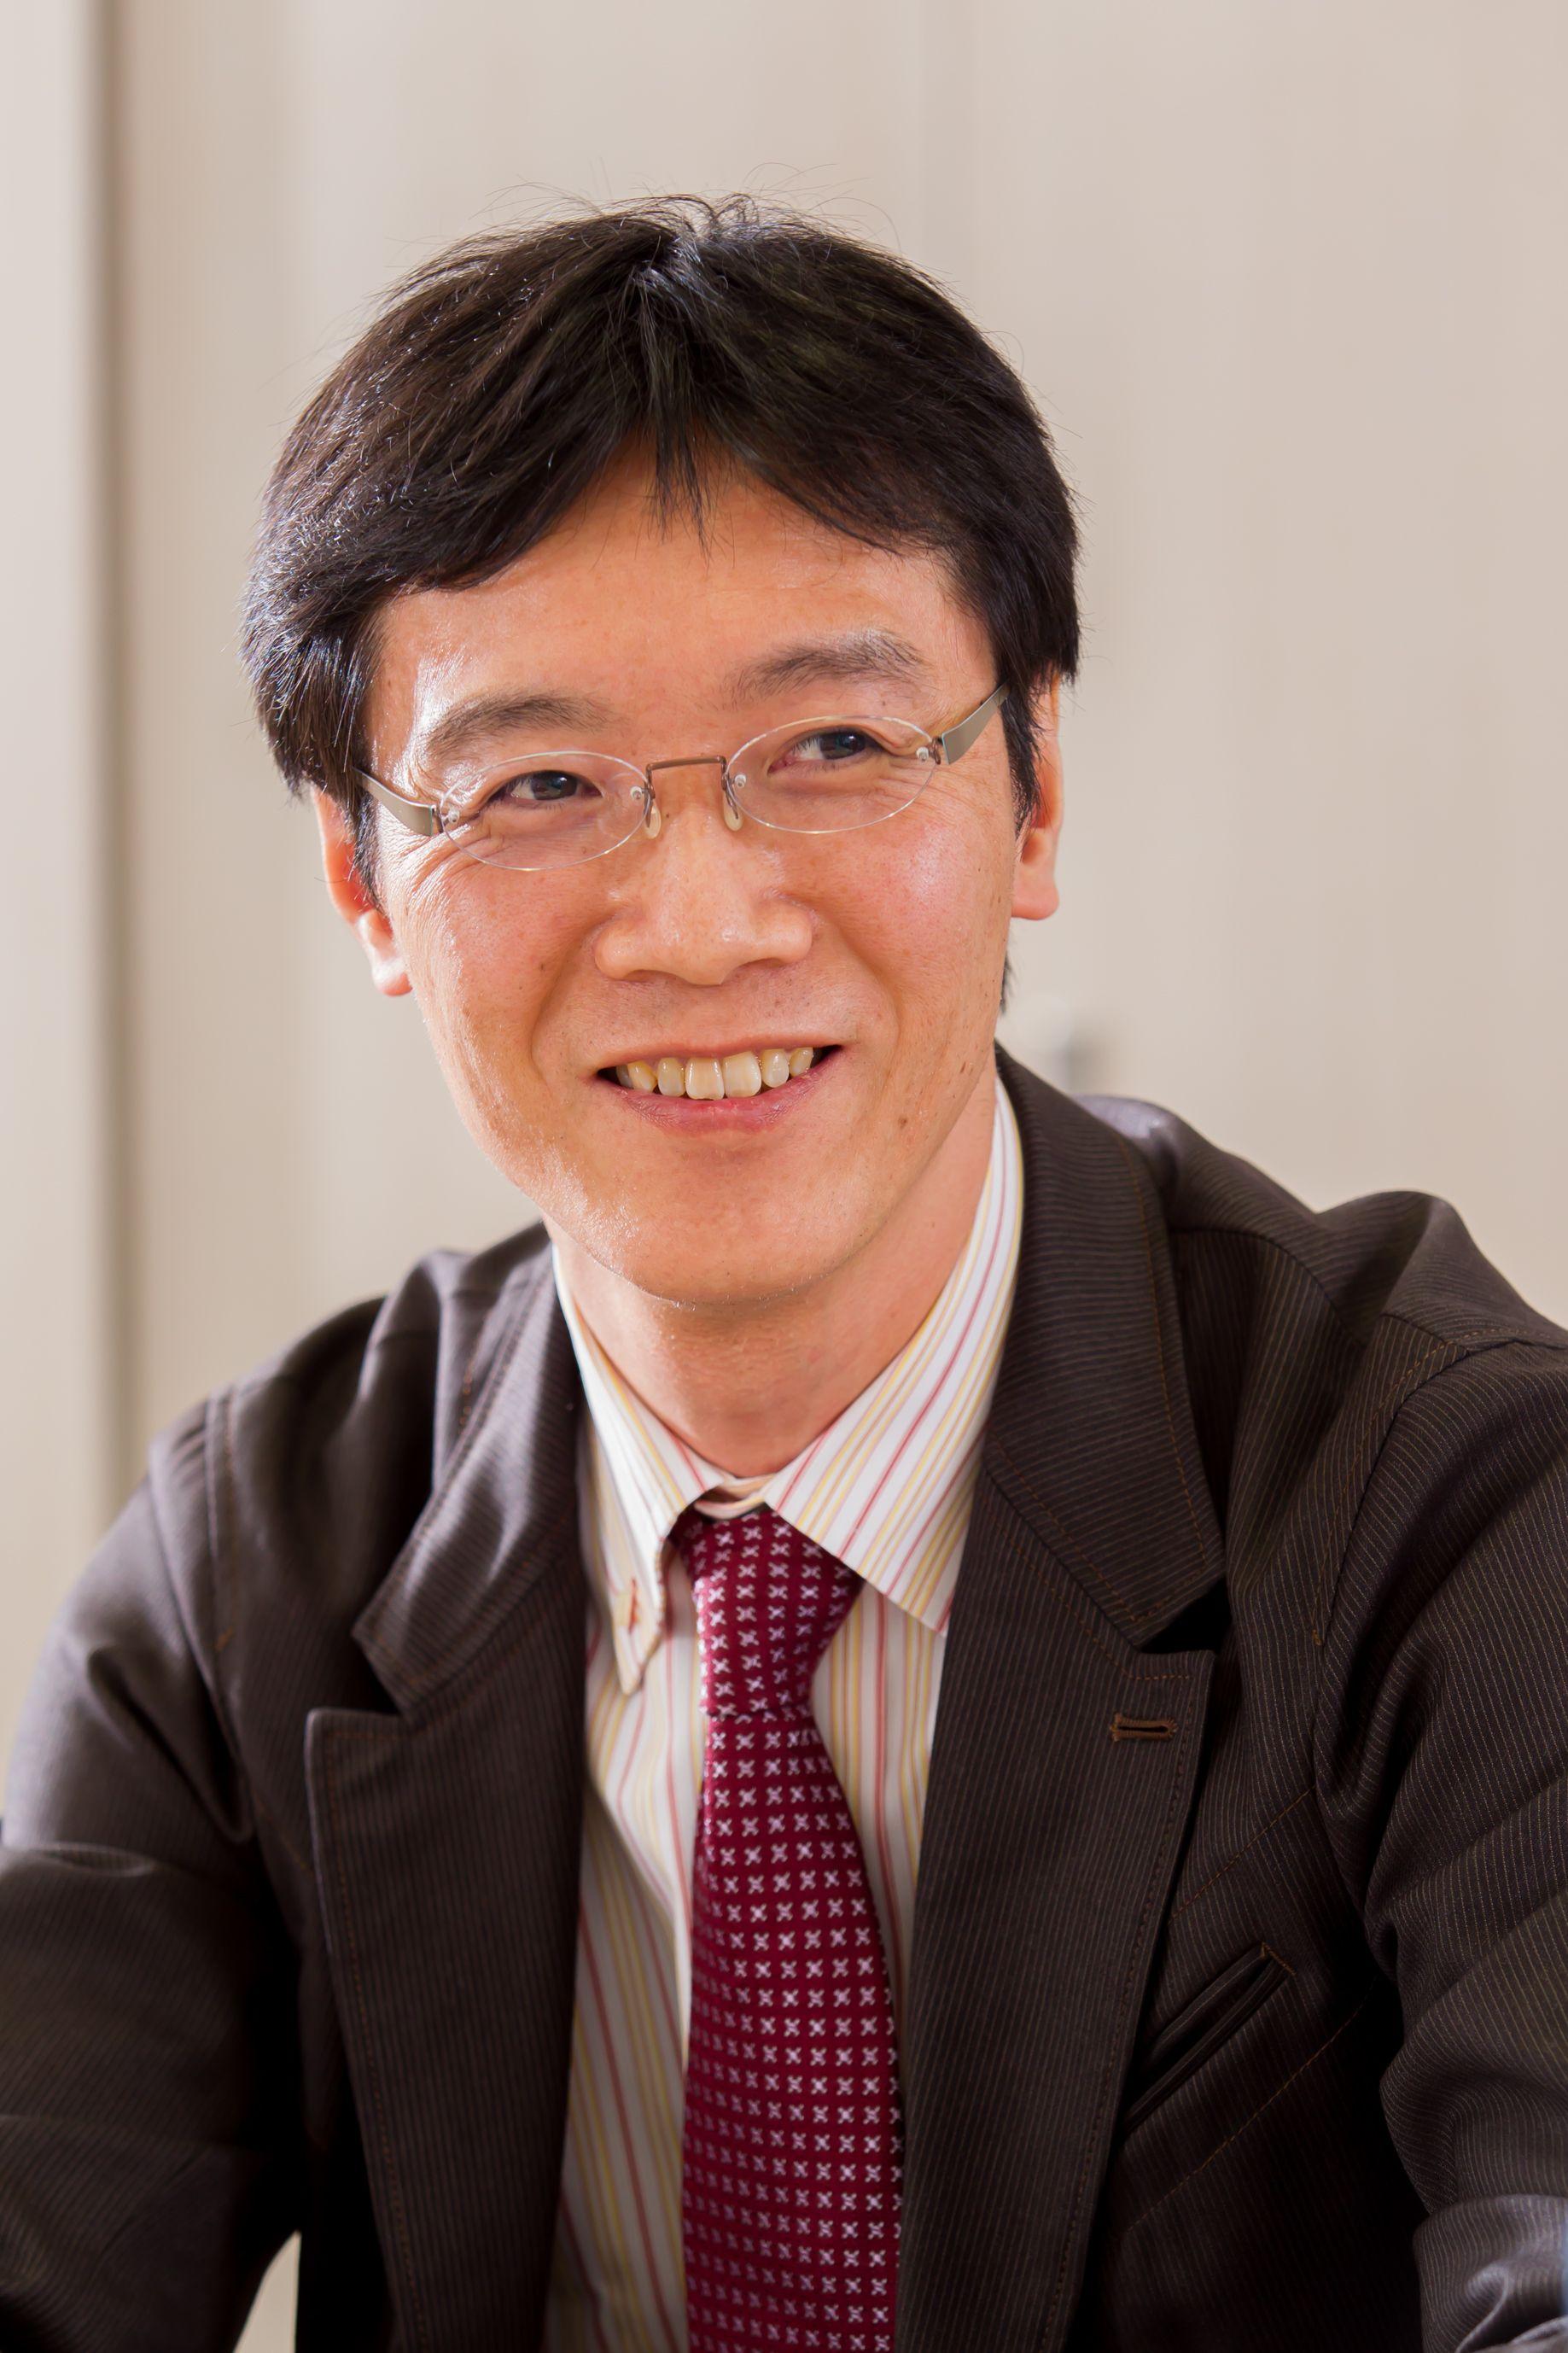 Kazuhiro Ikegame